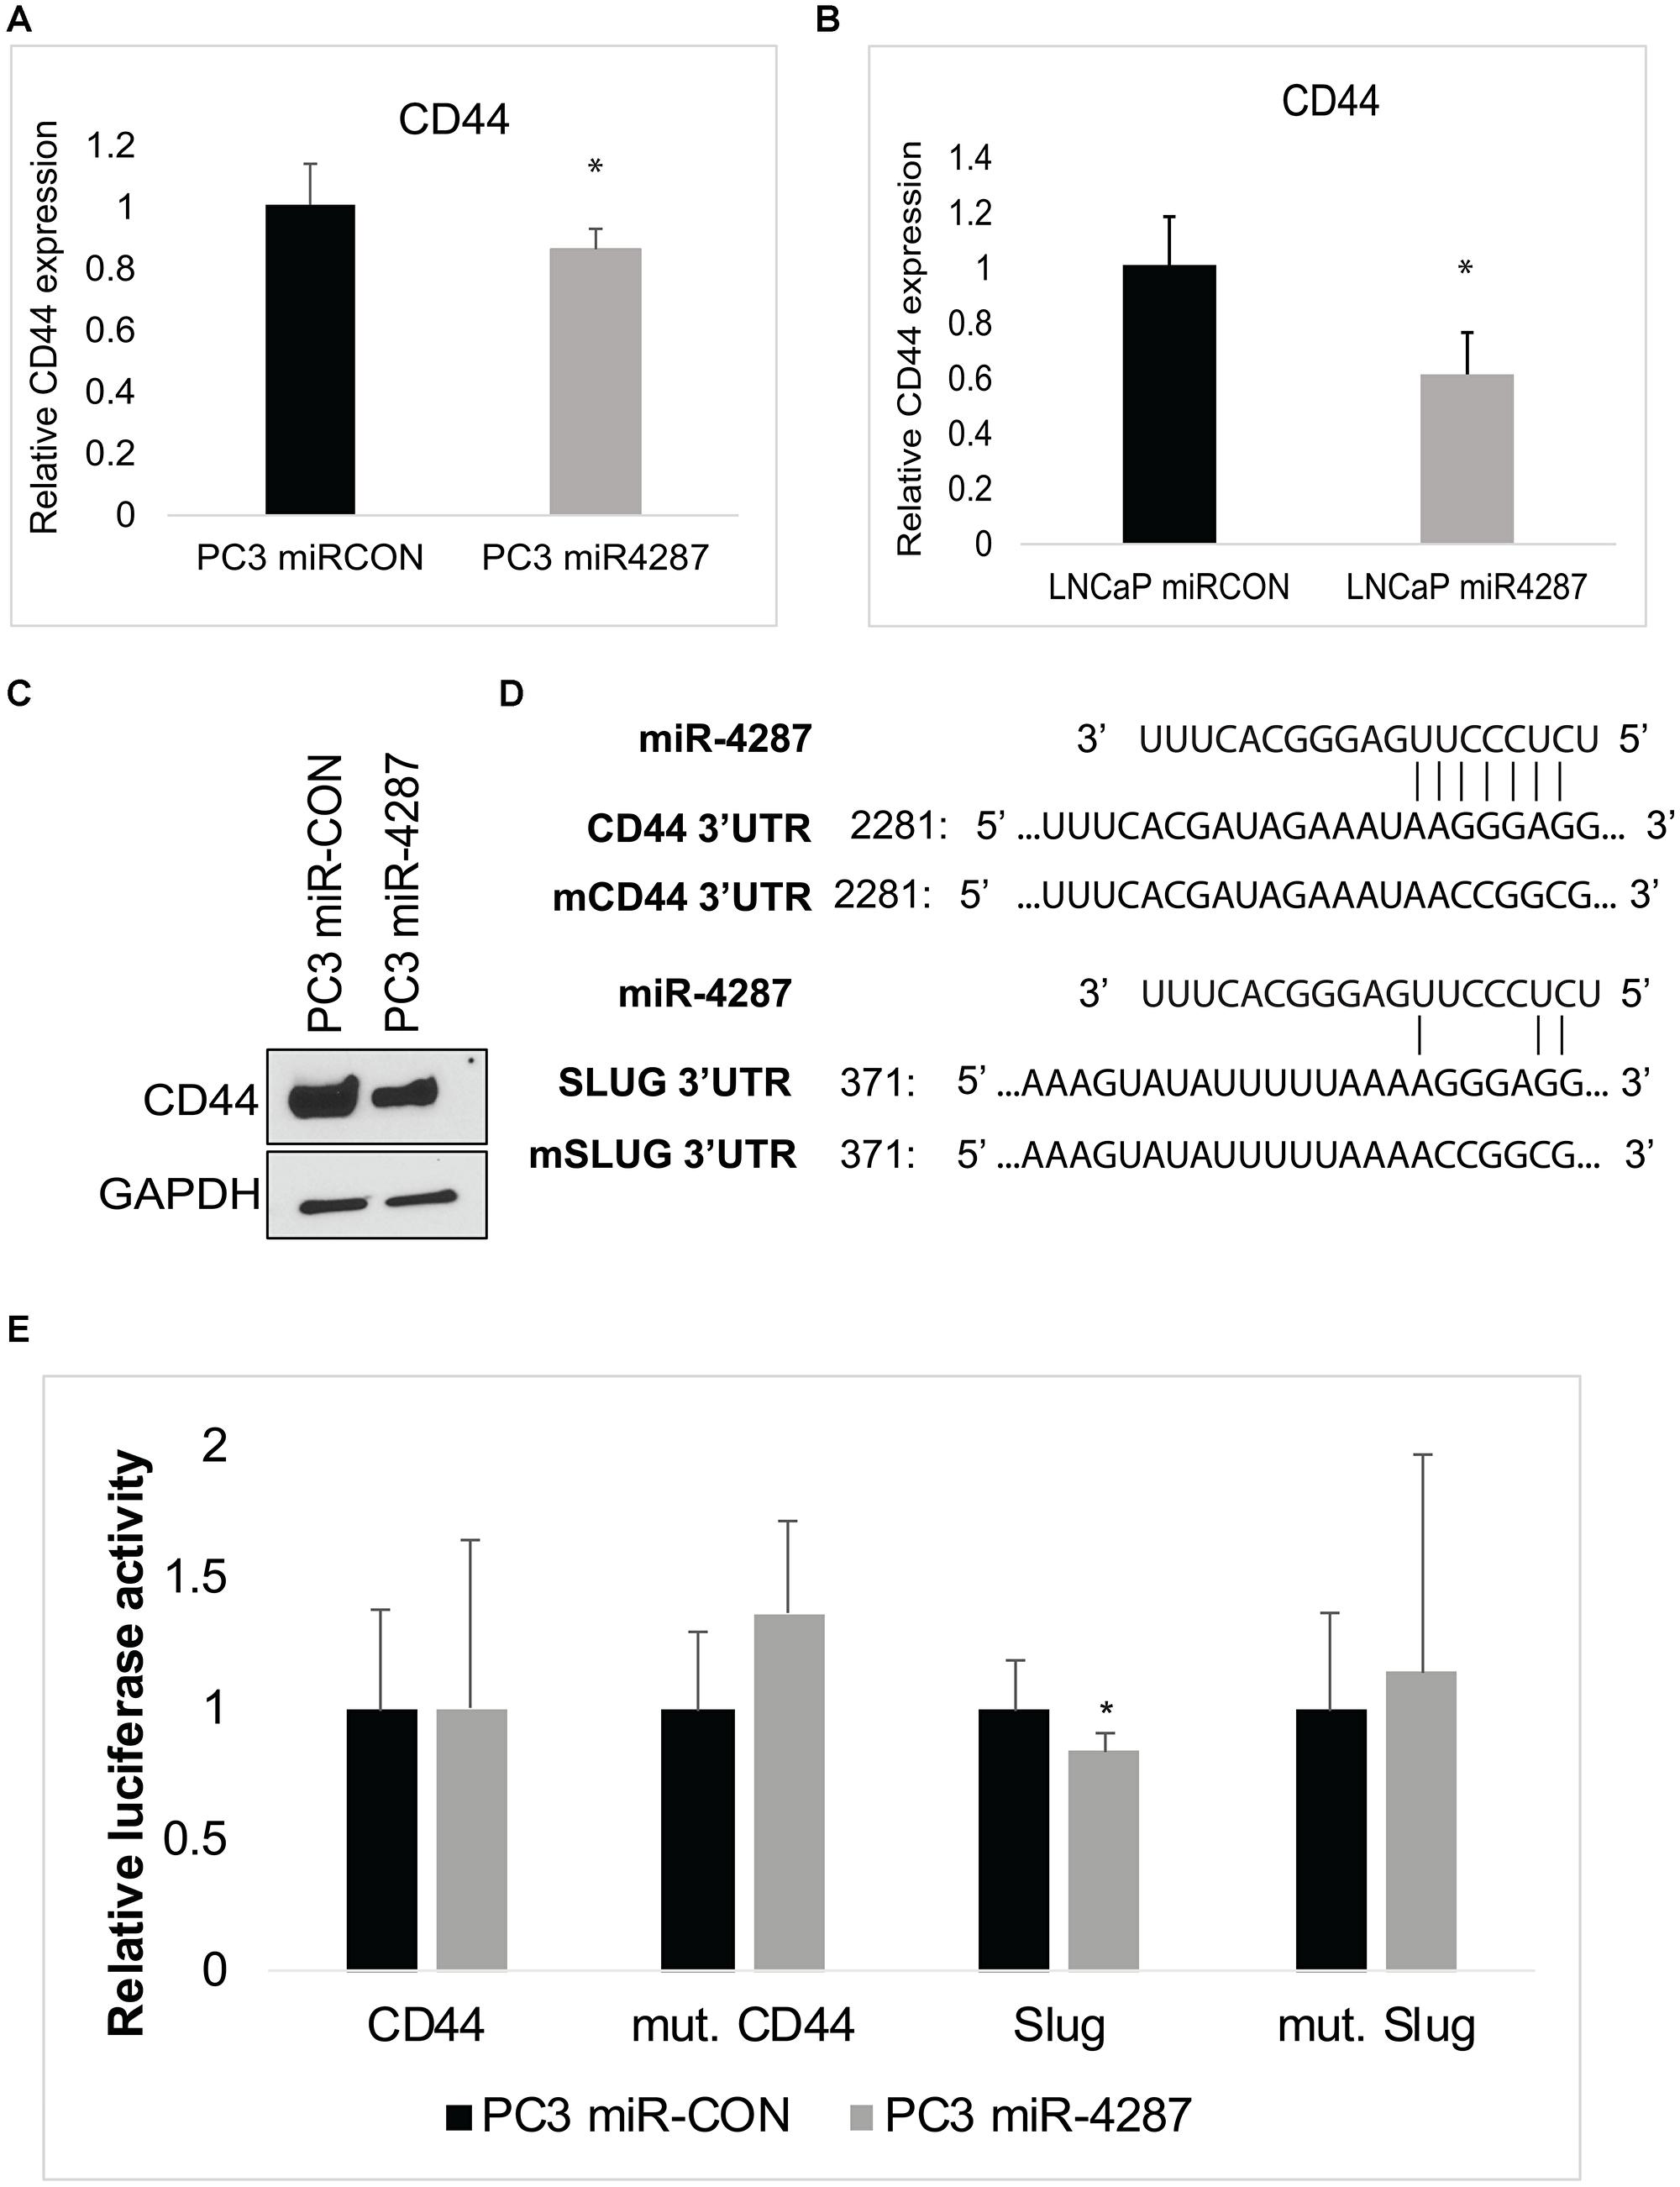 miR-4287 directly regulates stem cell marker CD44 and EMT mediator SLUG.